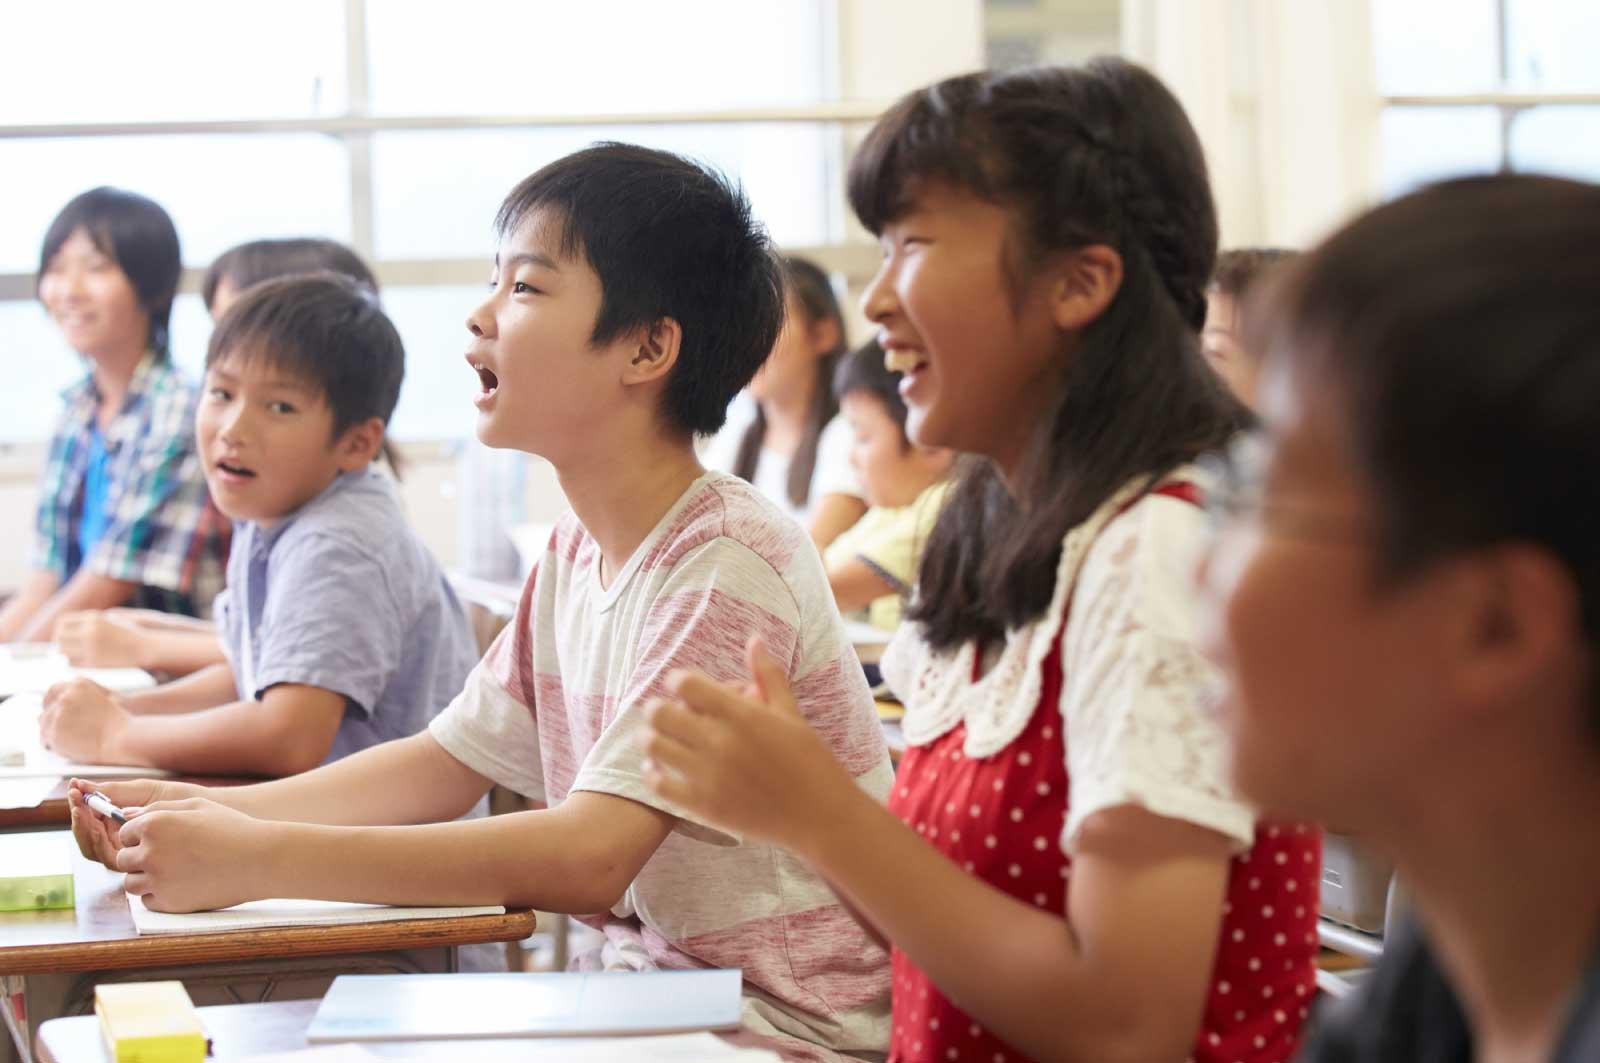 小学校の授業